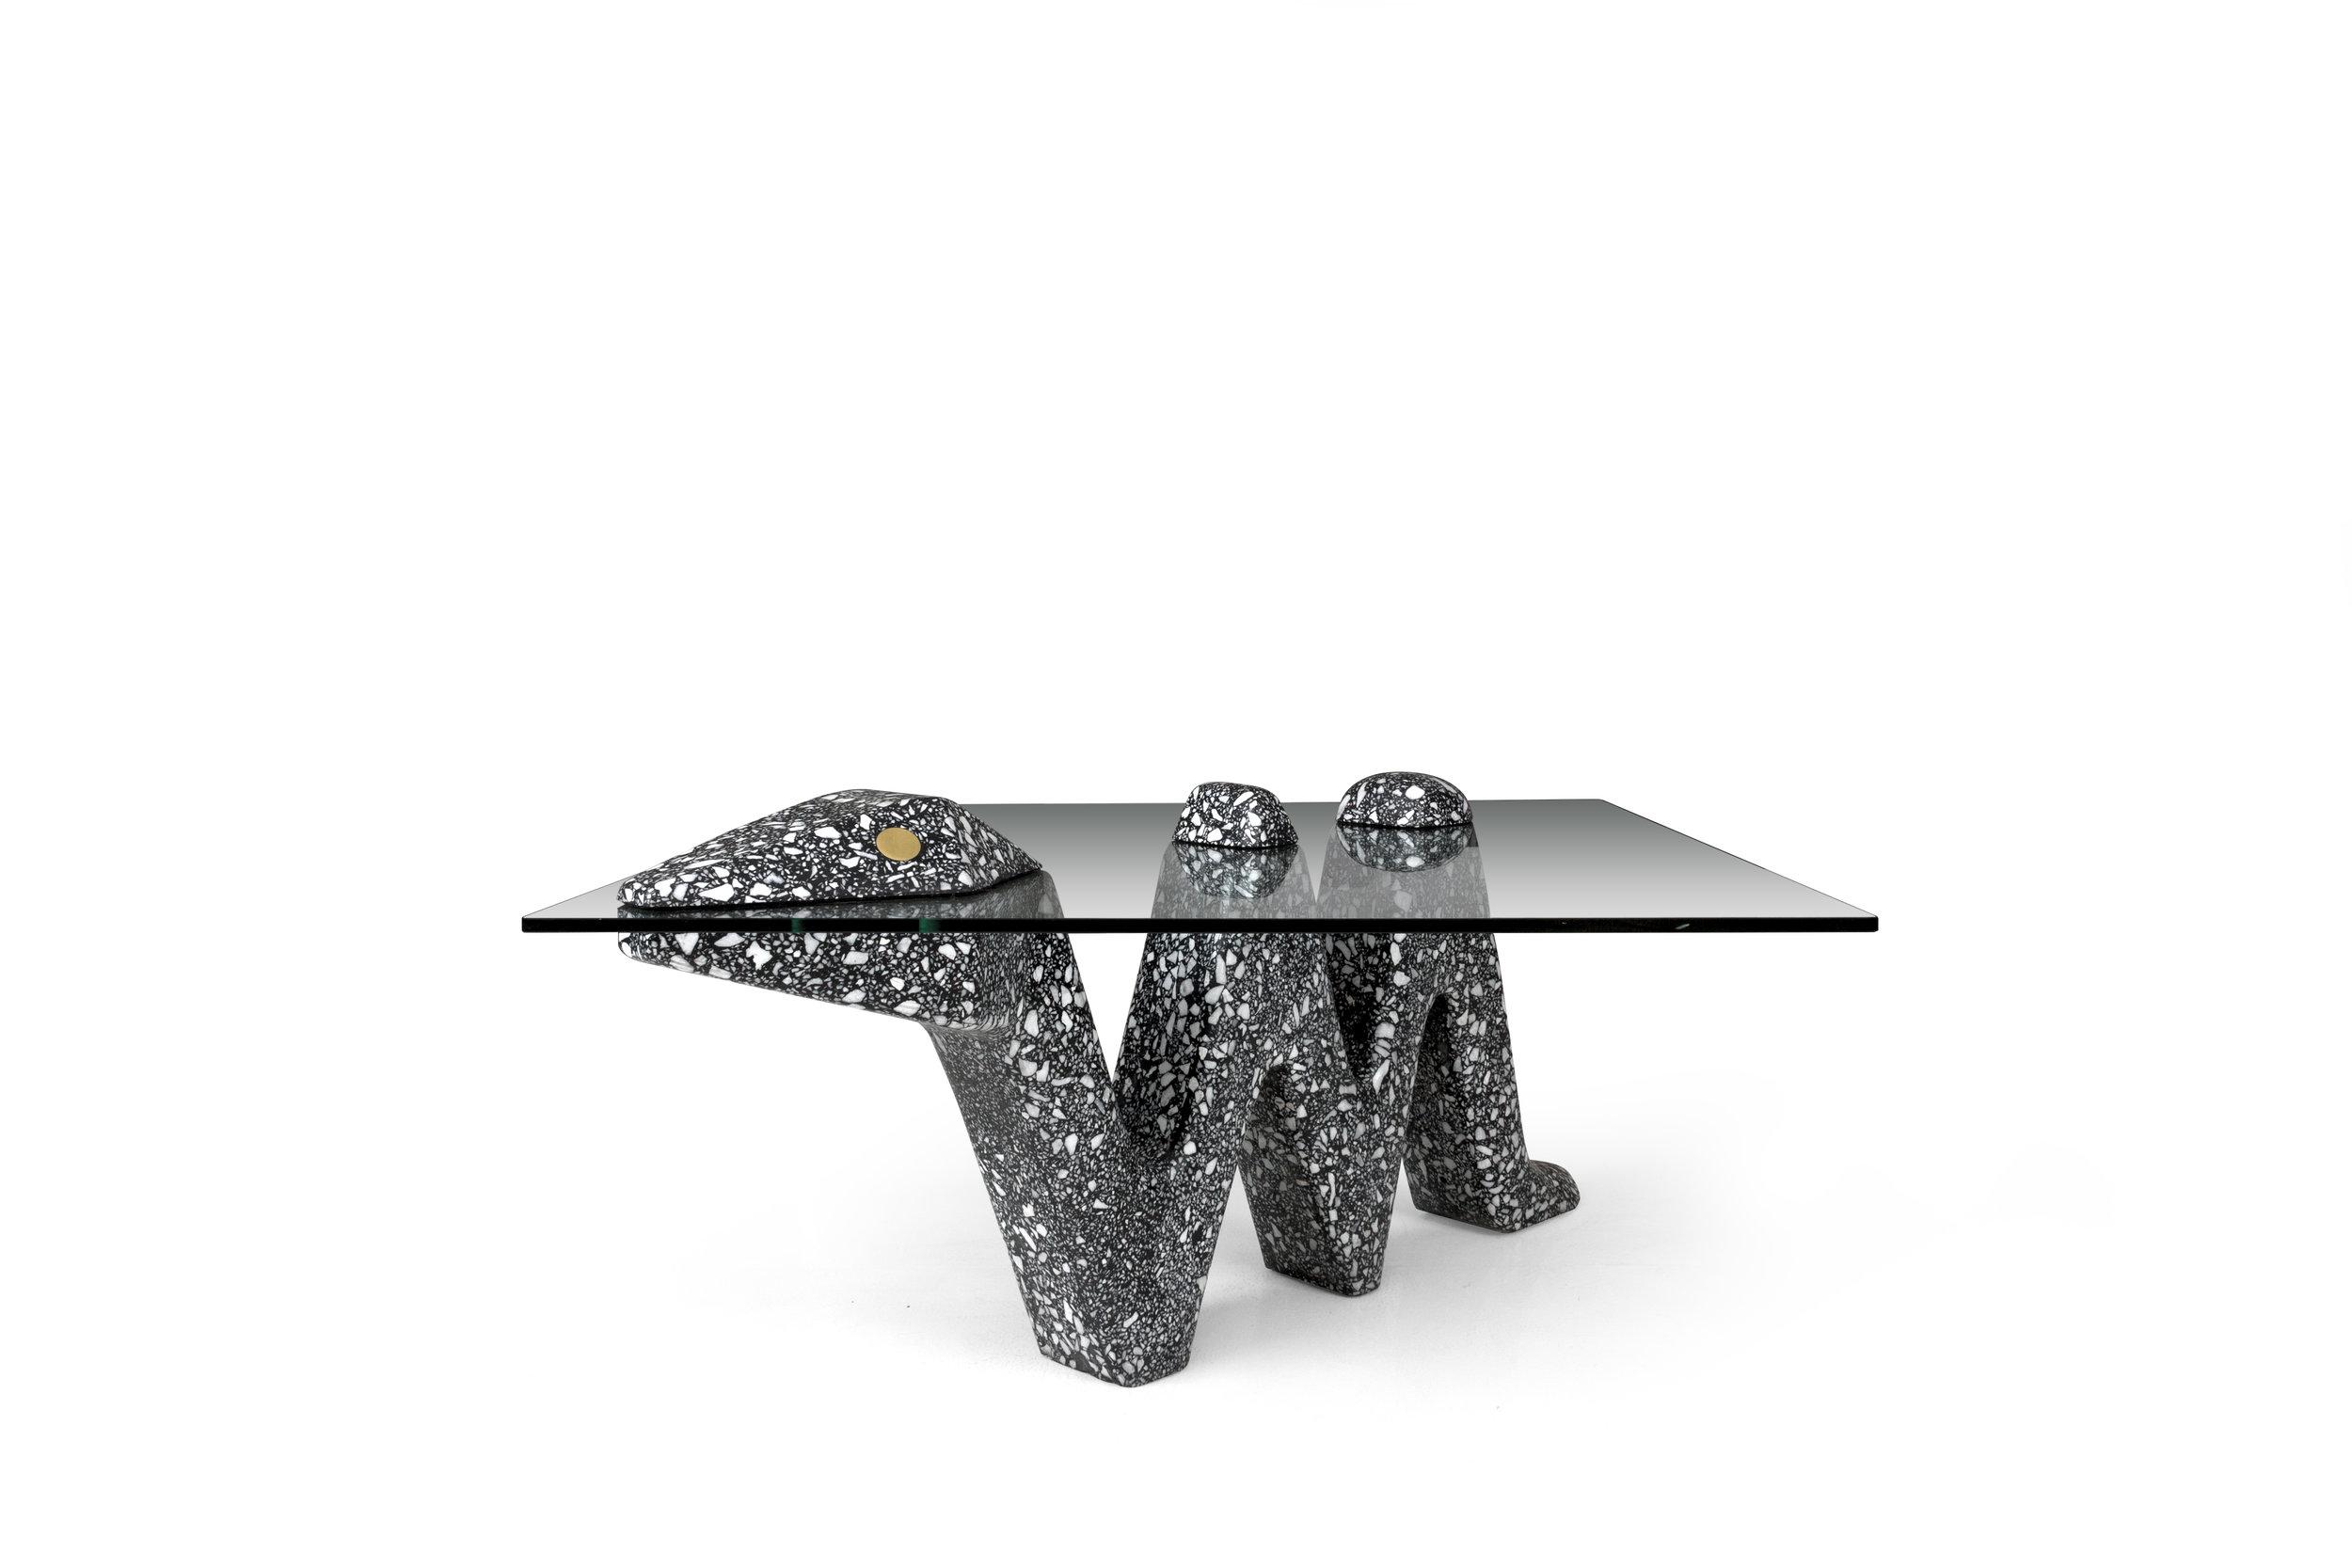 Transmutation Table